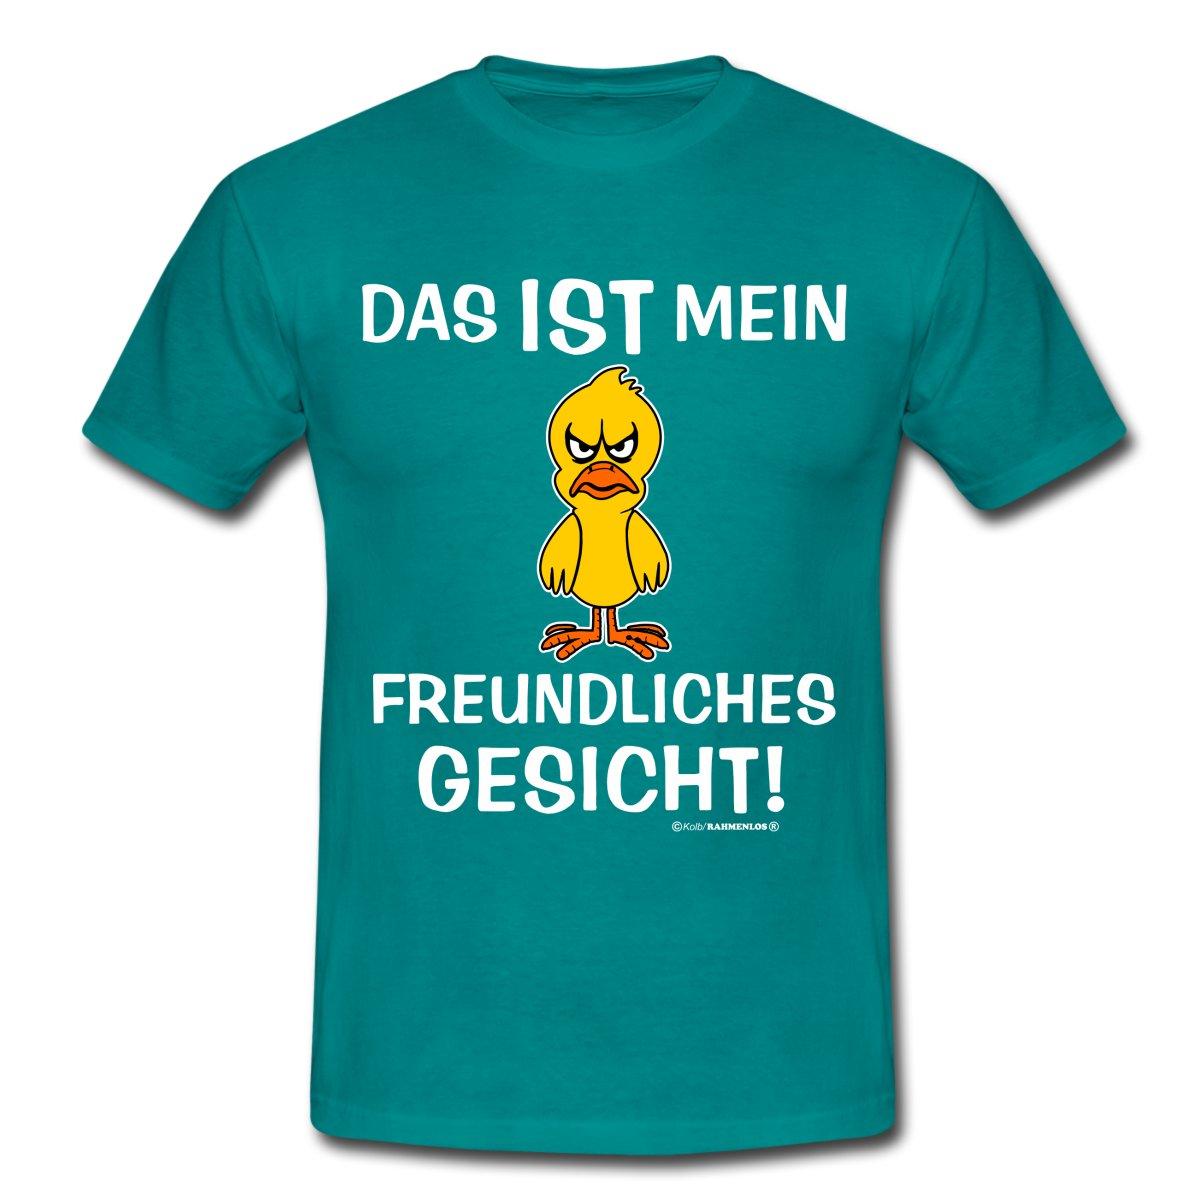 Freundliches-Gesicht-RAHMENLOS-Maenner-T-Shirt-von-Spreadshirt